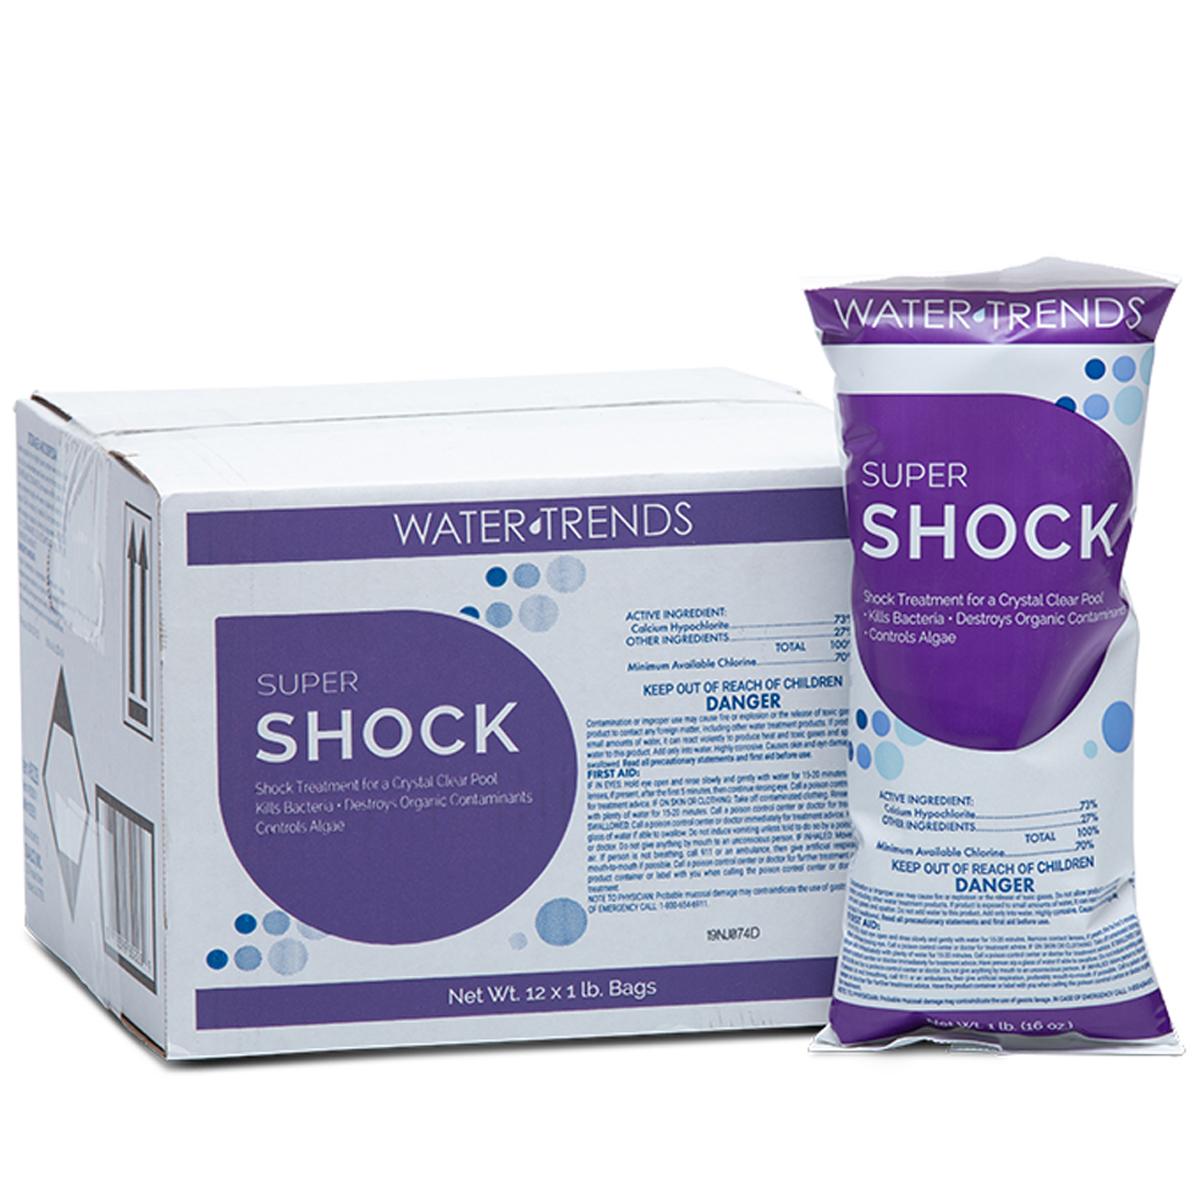 SUPER SHOCK 12 PACK